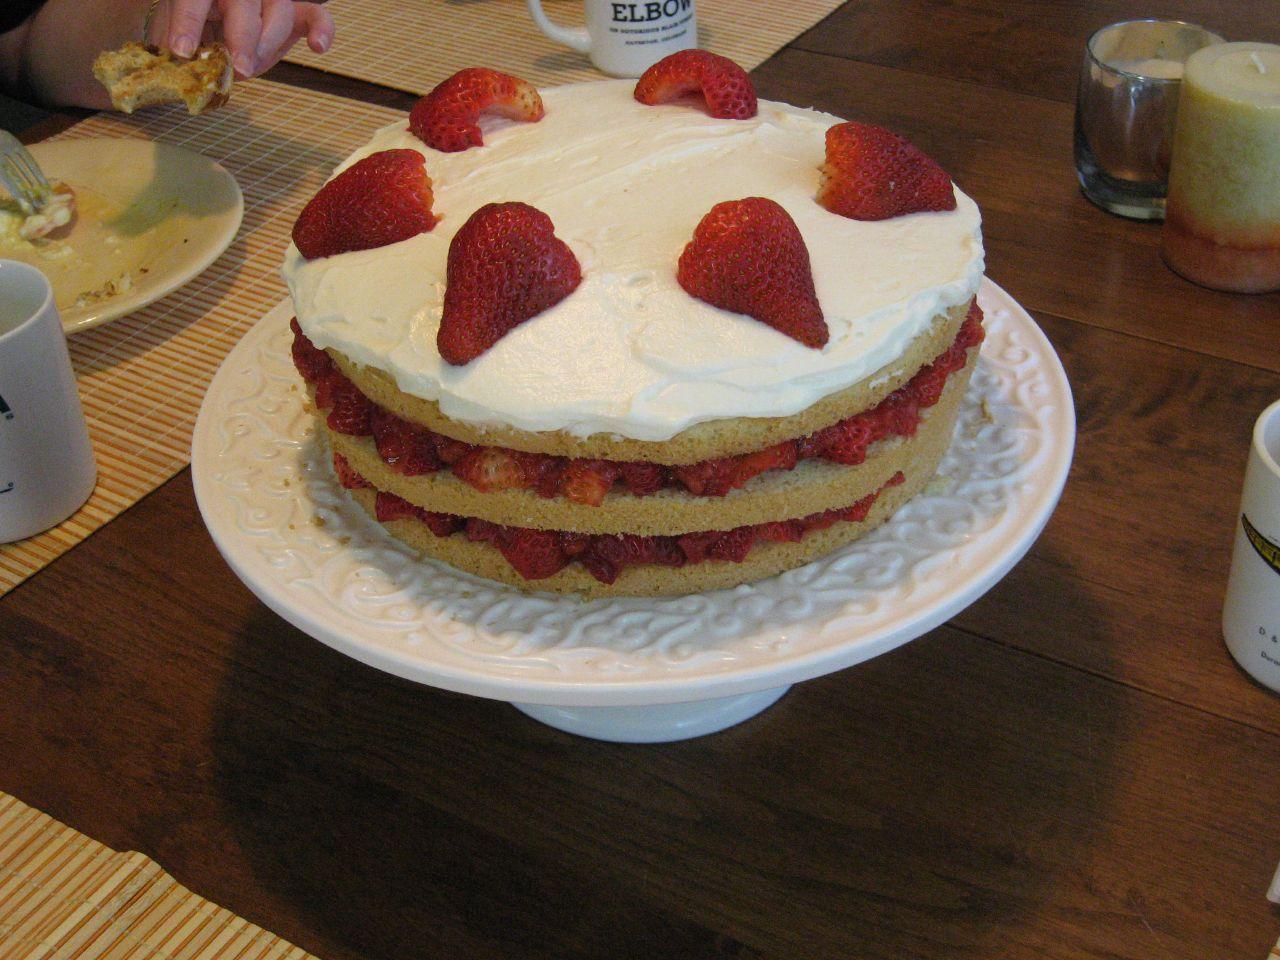 File:Strawberry Cream Cake.jpg - Wikimedia Commons